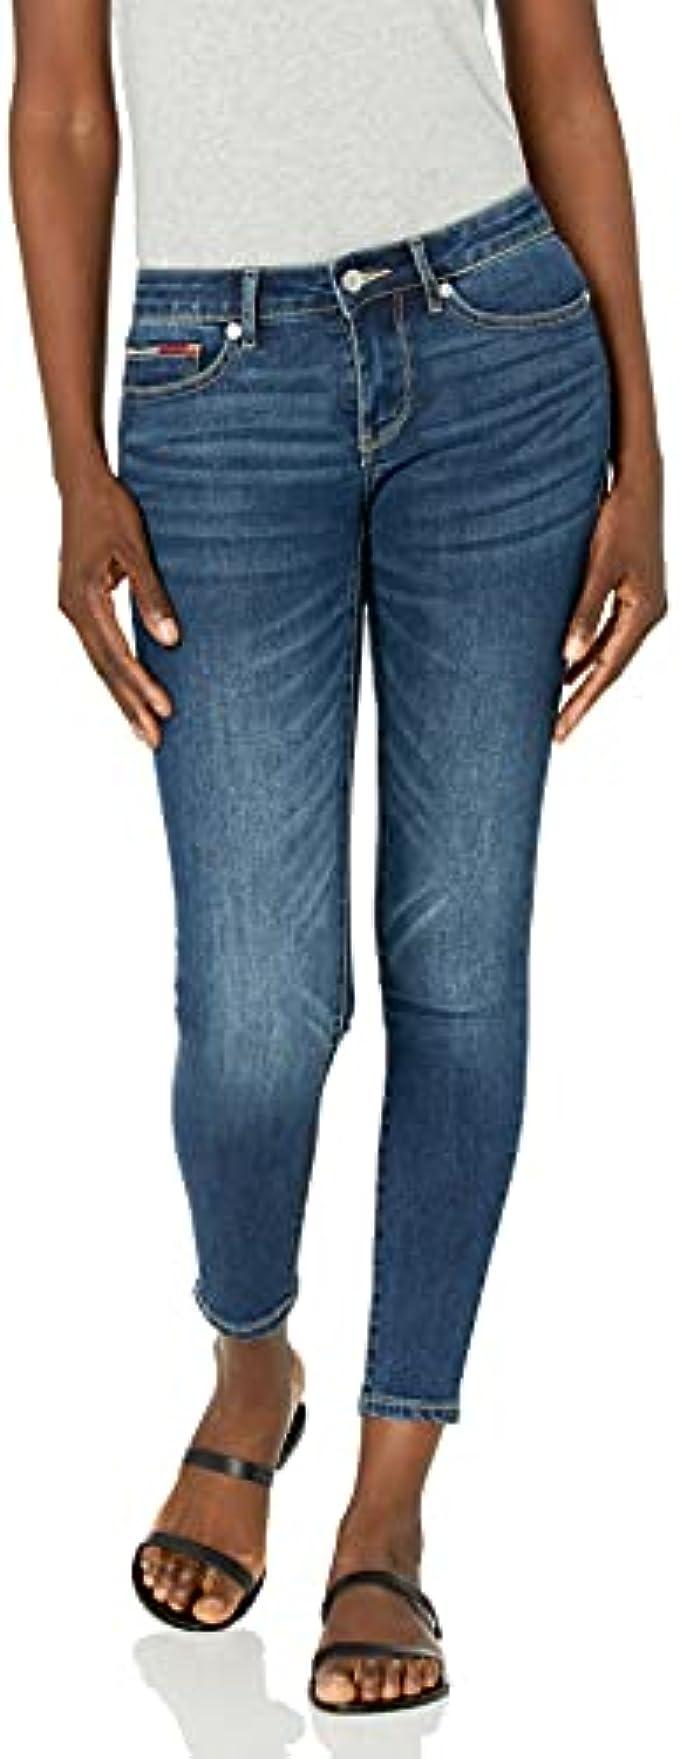 Tommy Hilfiger Women's Skinny Jean